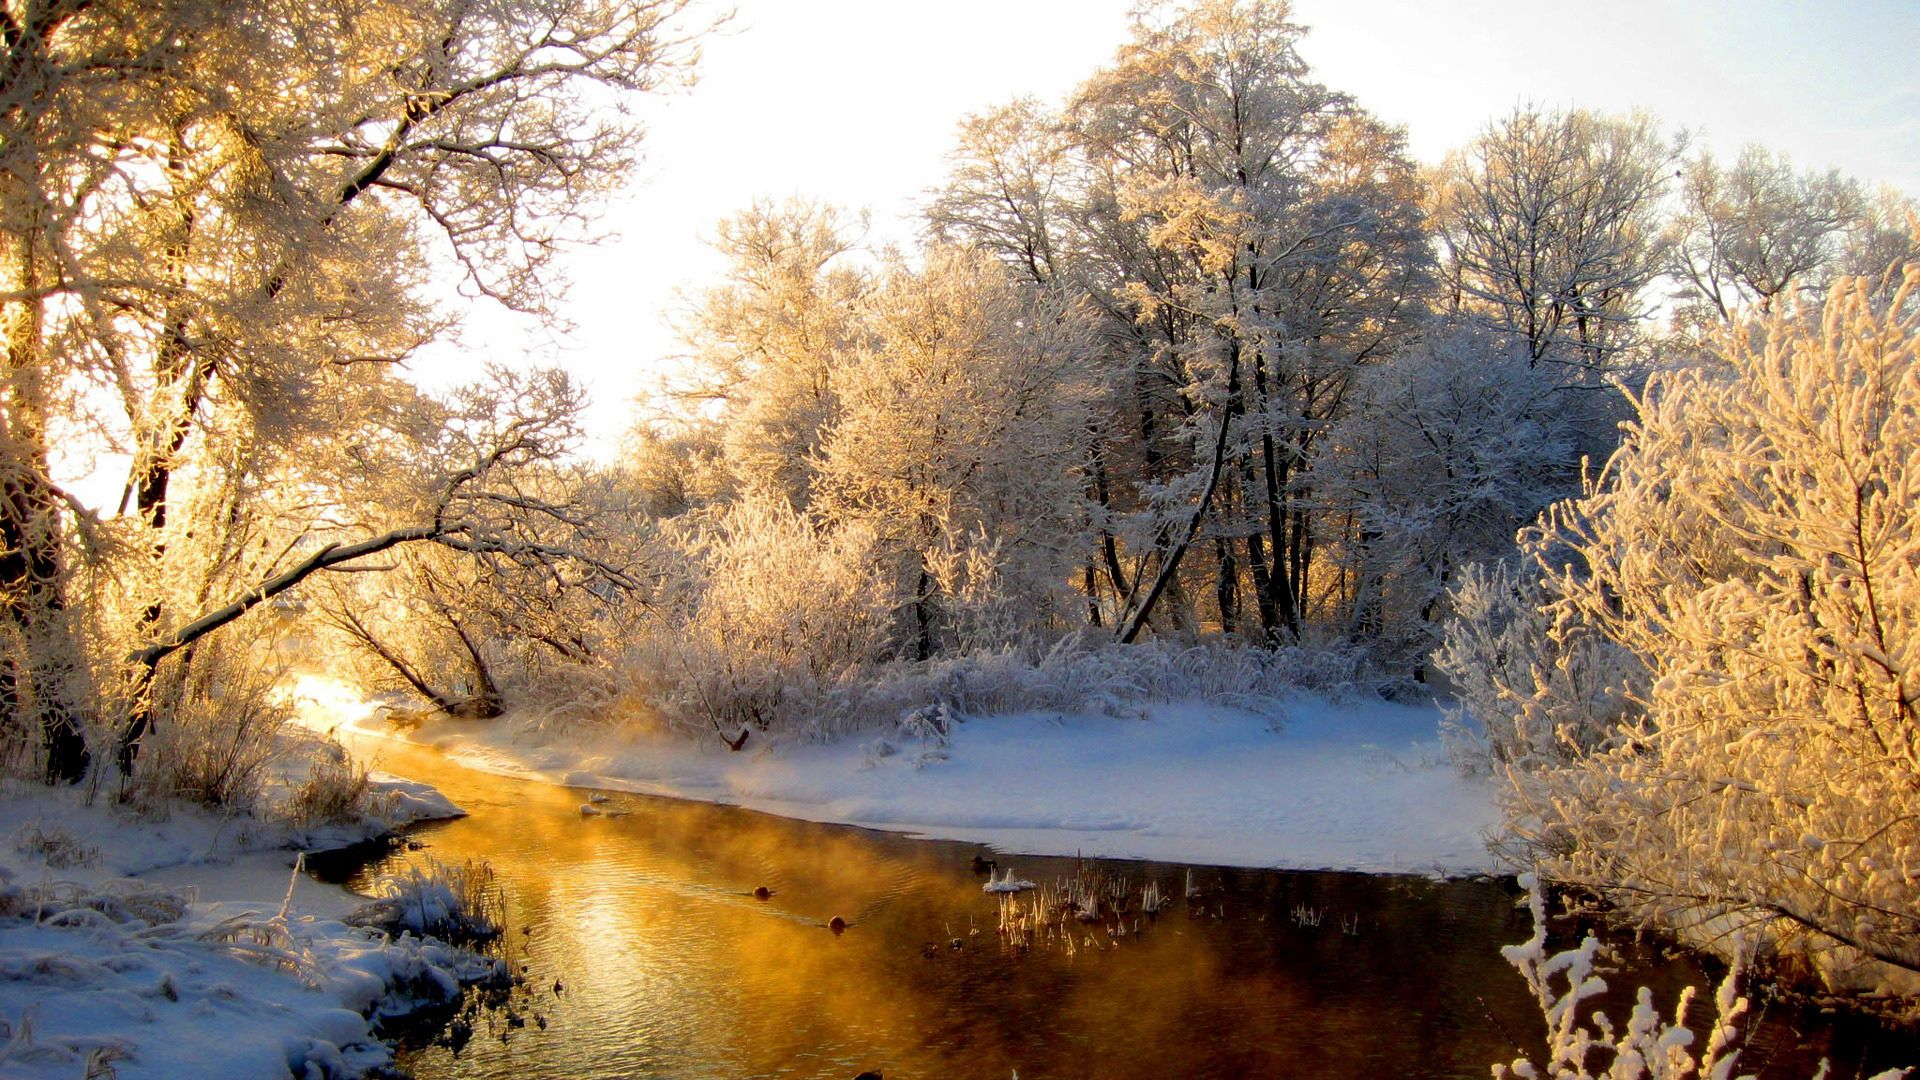 106427 Hintergrundbild herunterladen Winterreifen, Natur, Flüsse, Reflexion, Scheinen, Licht, Wald, Frost, Rauhreif, Graue Haare, Graue Seradiebe - Bildschirmschoner und Bilder kostenlos